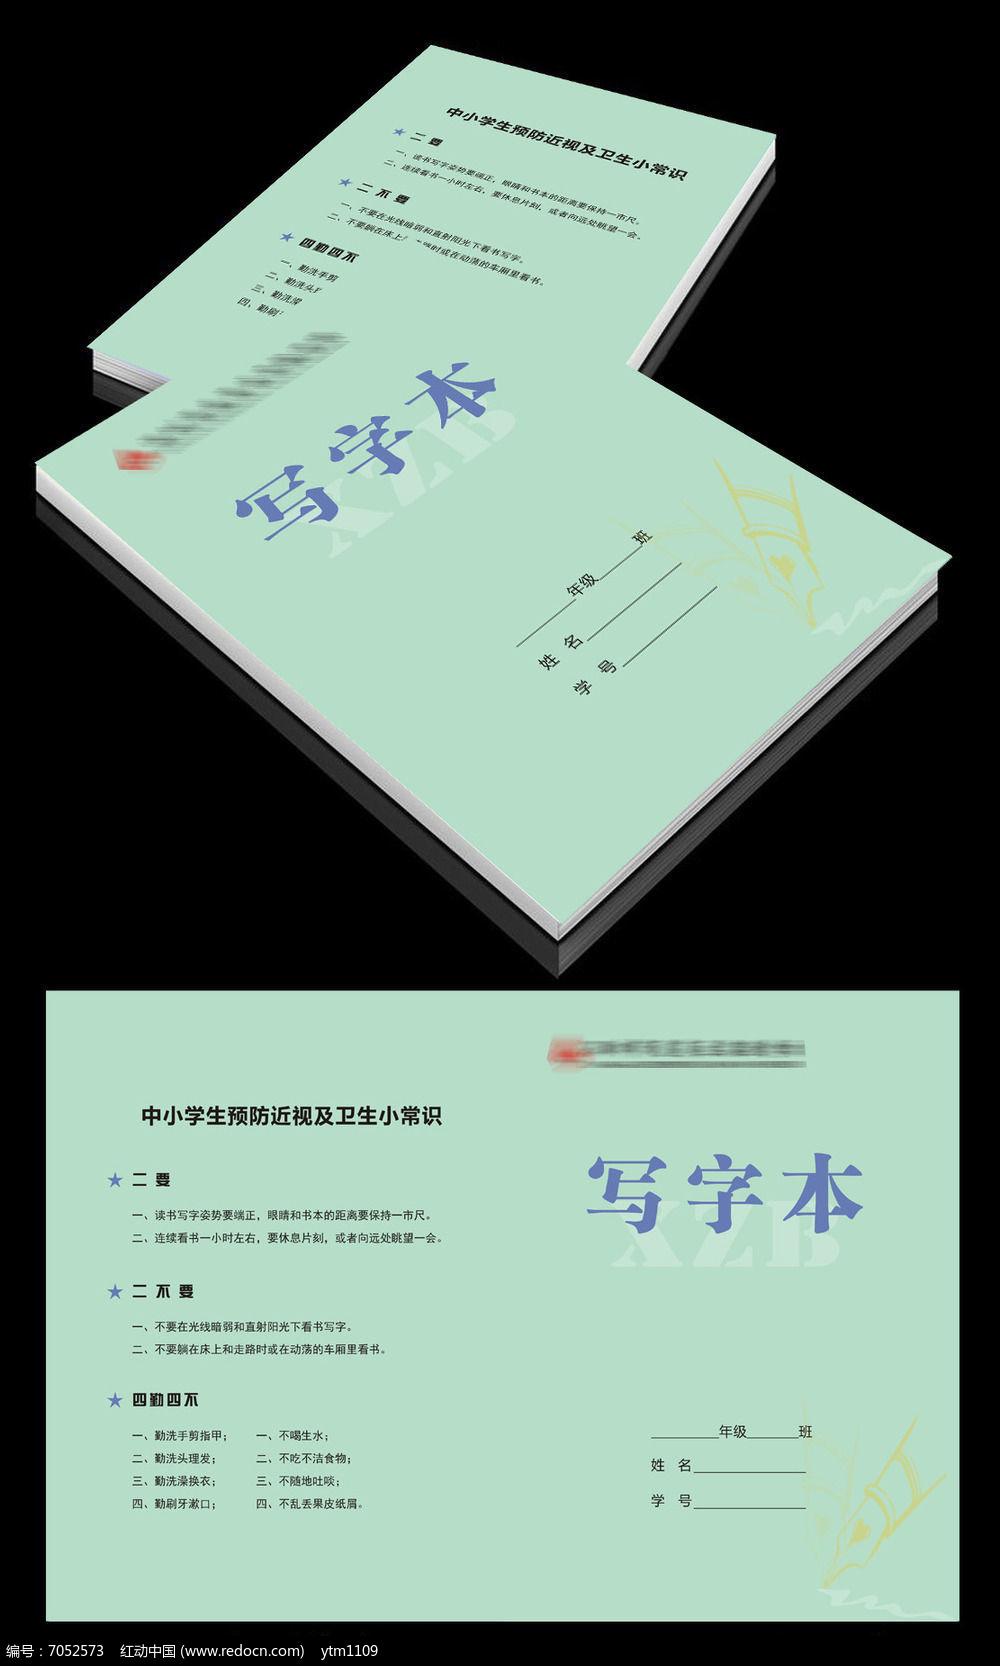 中学生作业本封面设计模板图片